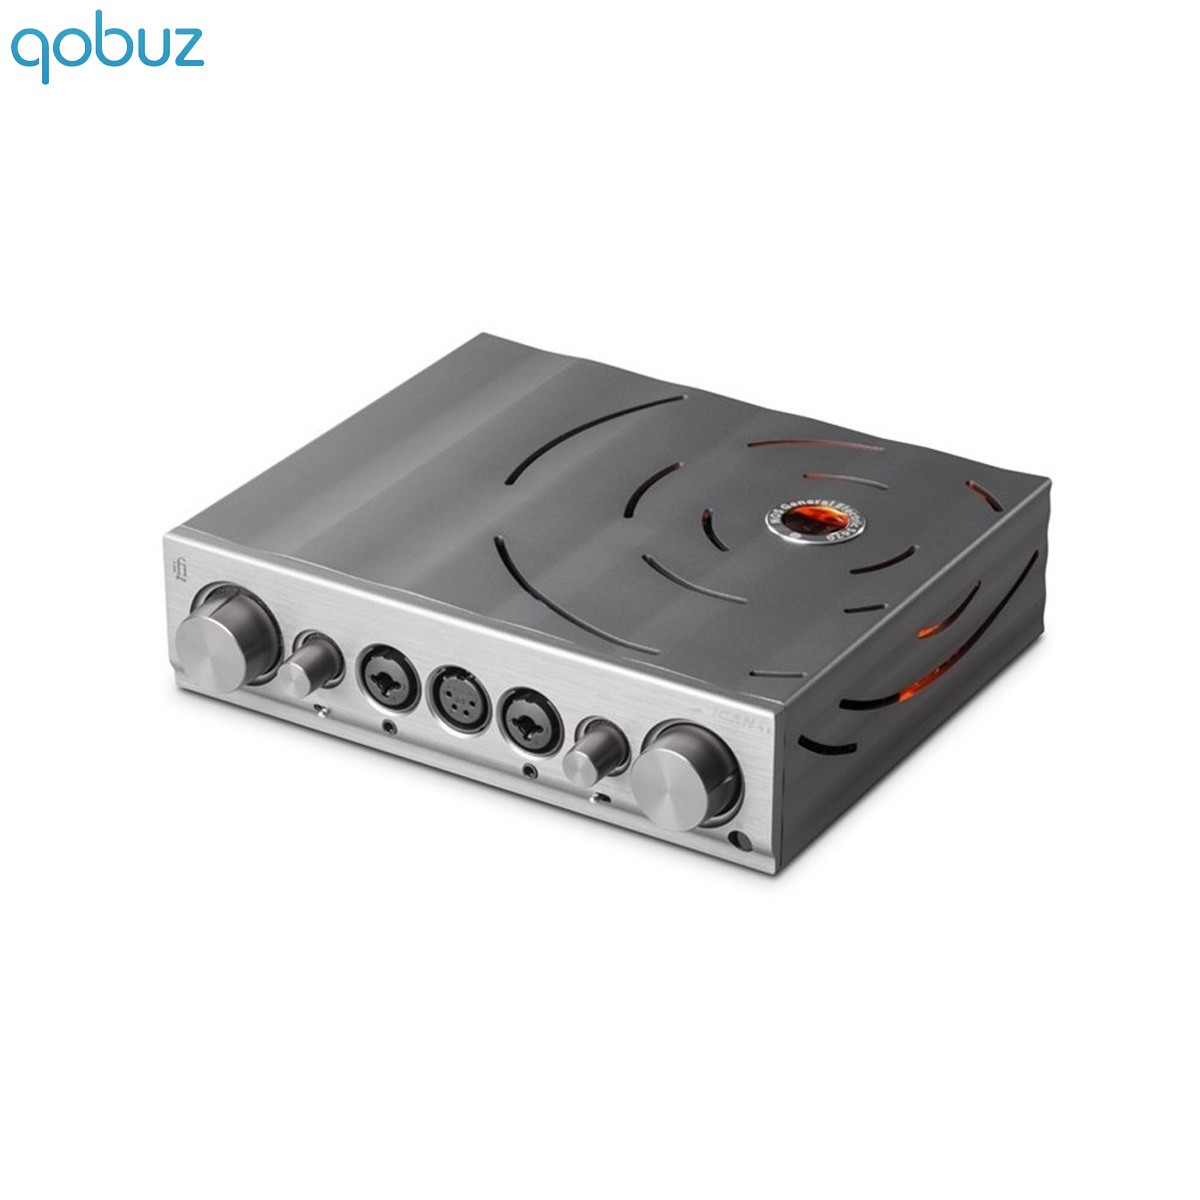 ifi Audio Pro iCAN Préamplificateur / Amplificateur Casque à tubes